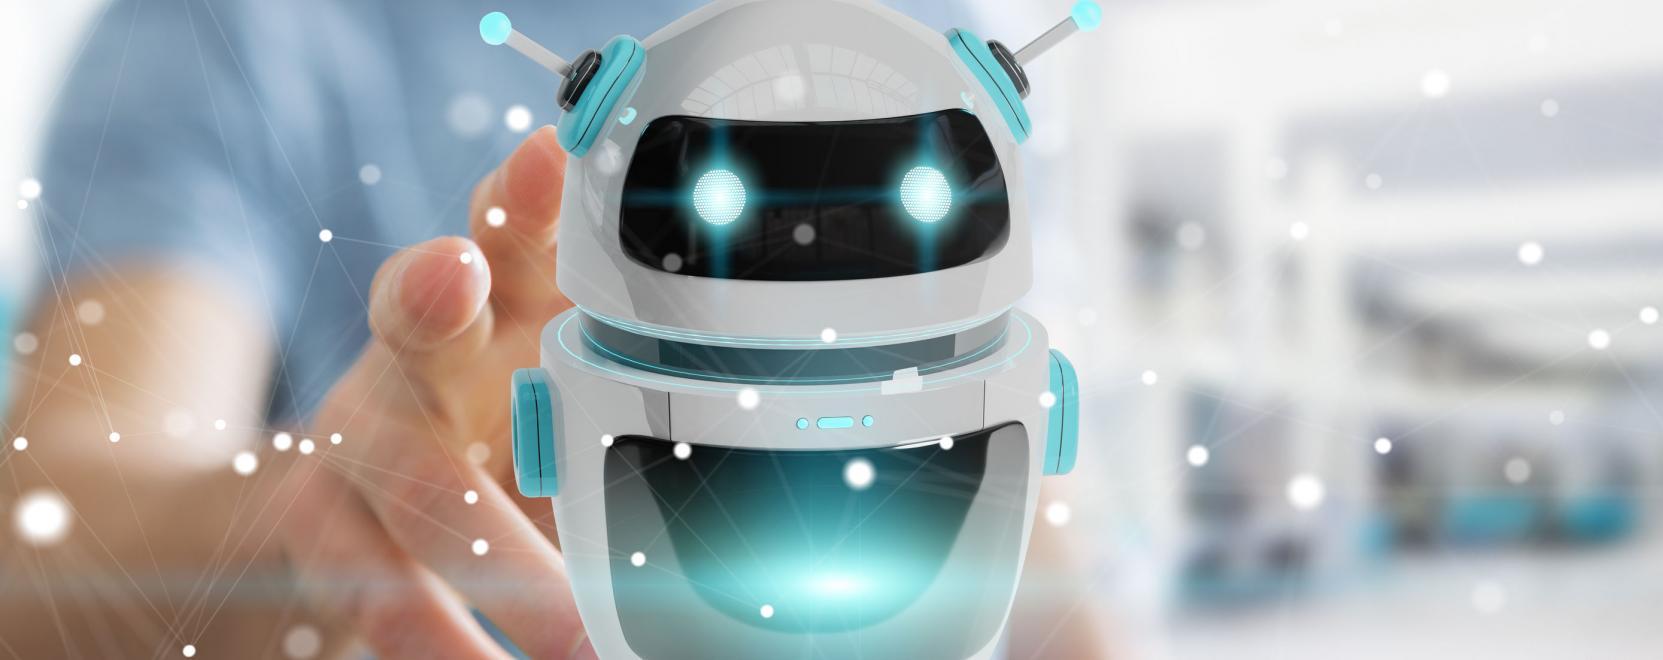 kereskedési robotok 2021 beszélgetések áttekintései)